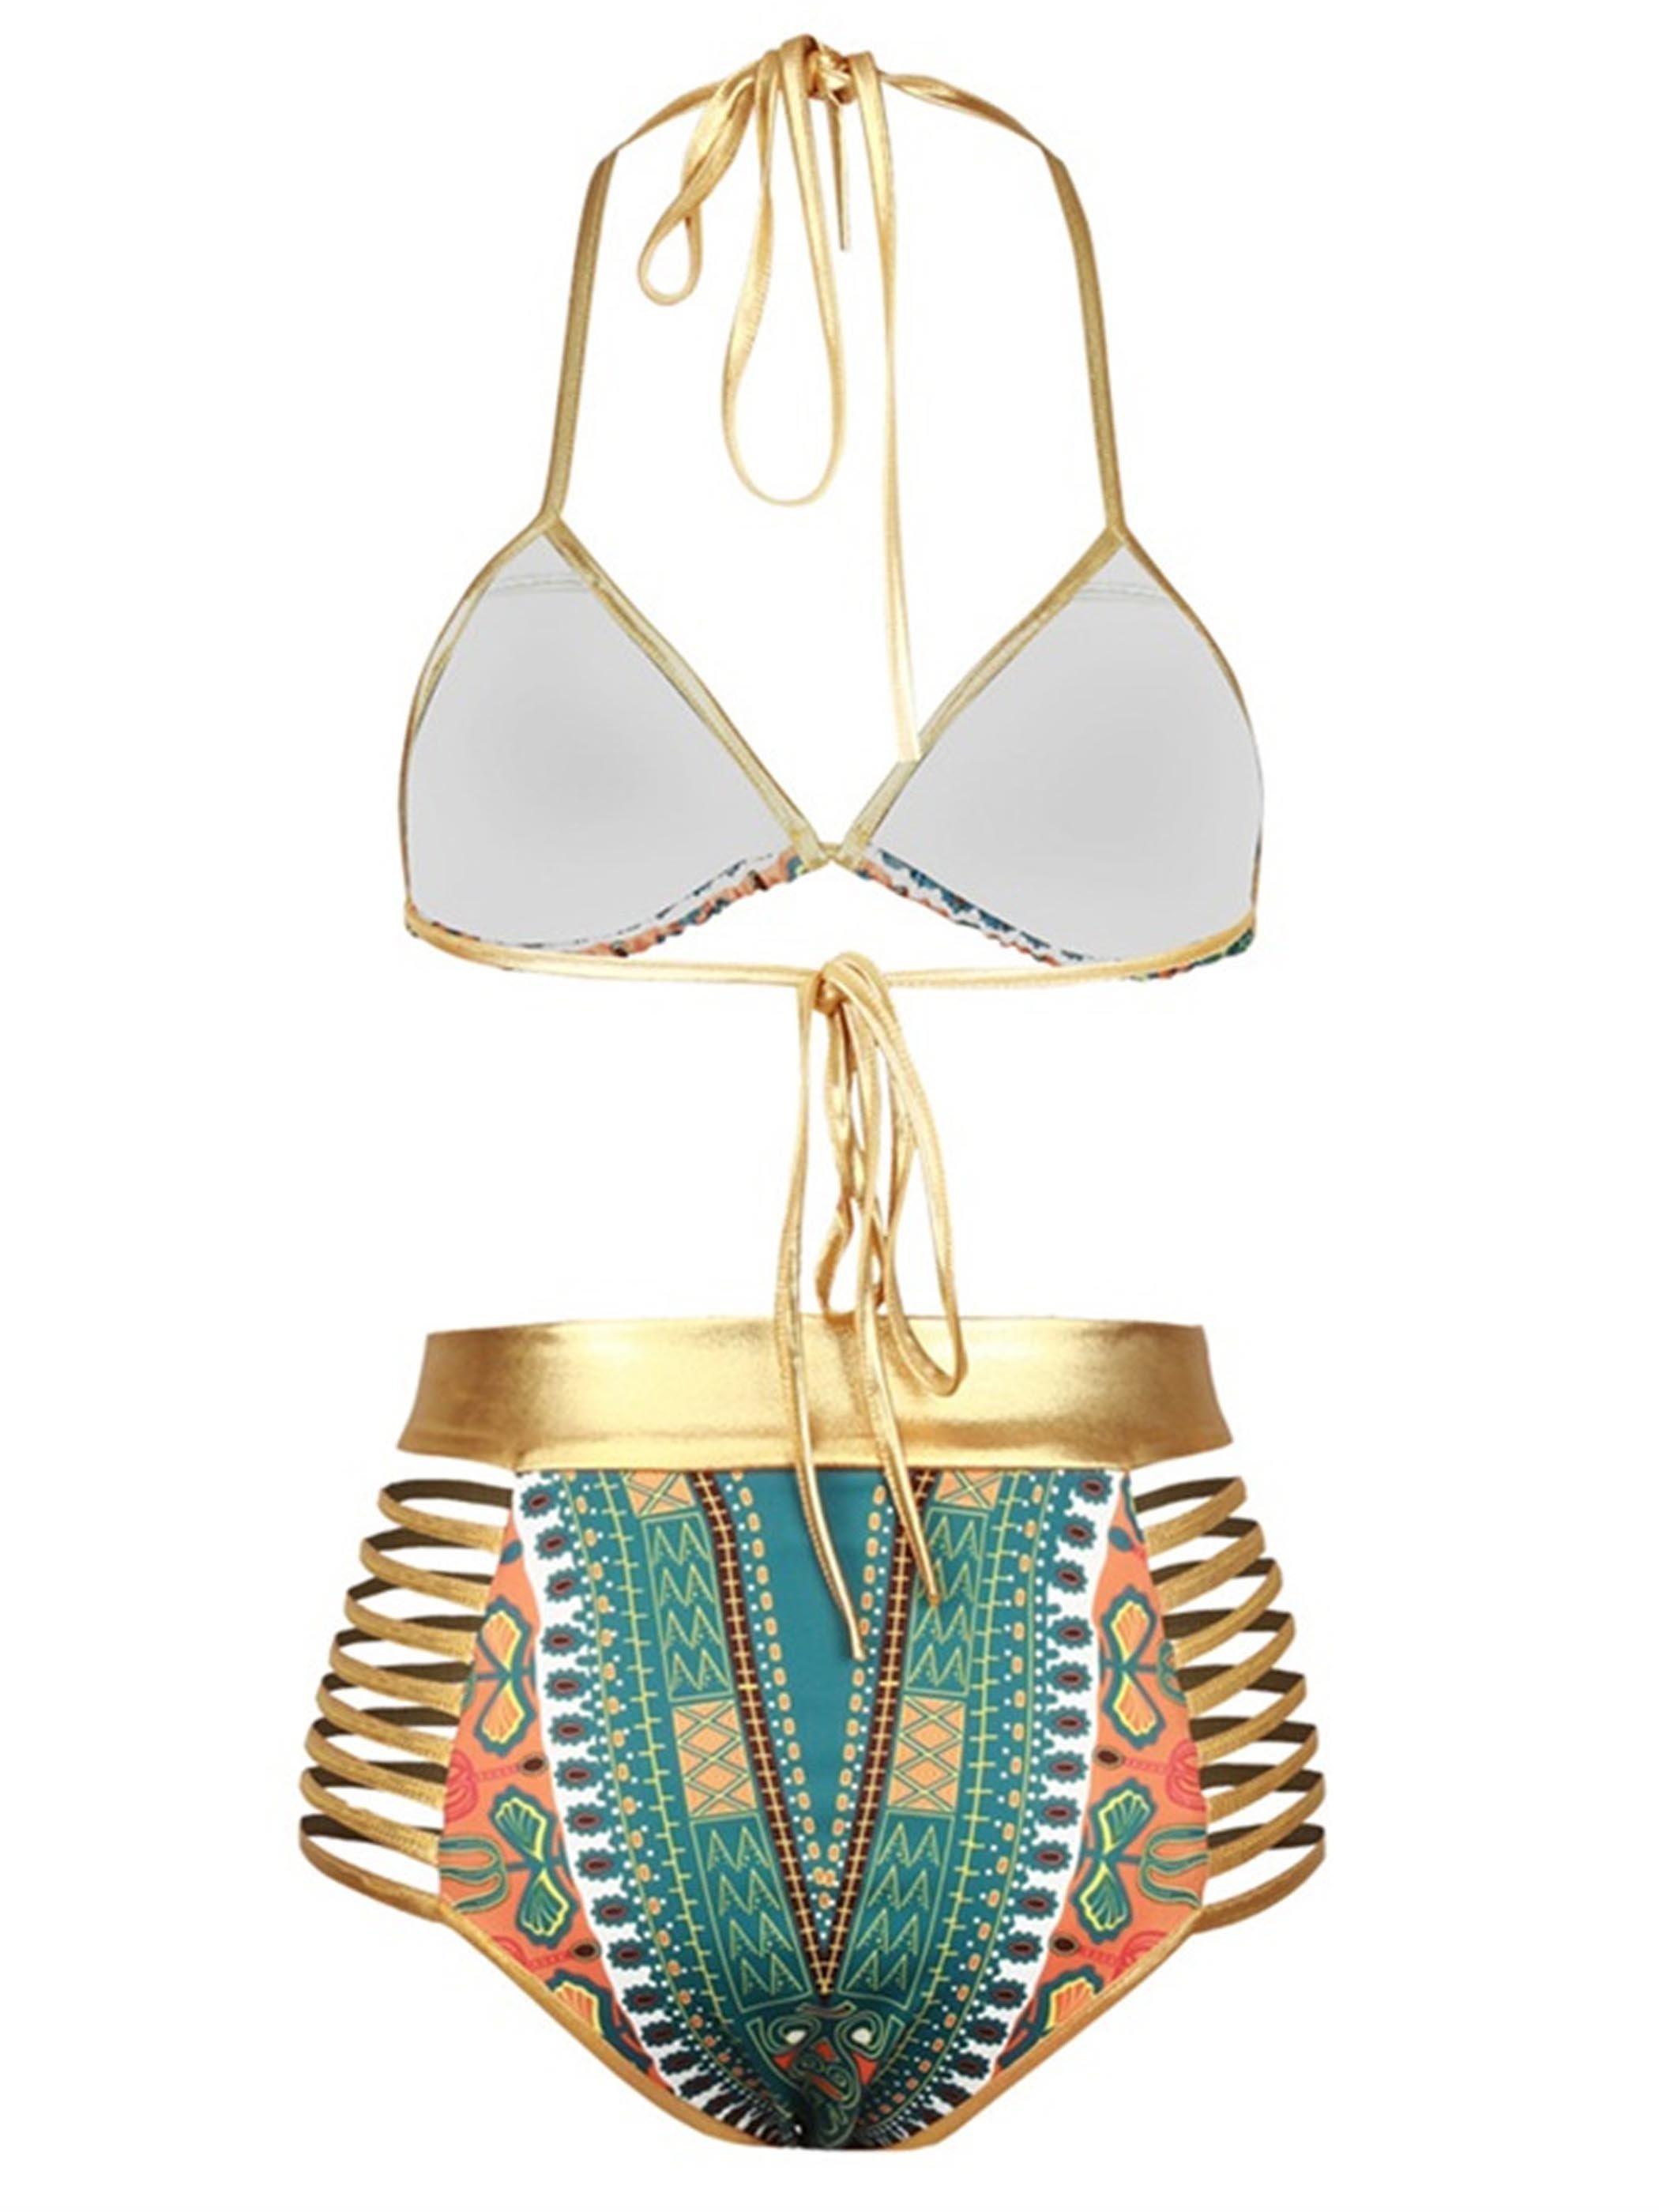 Bohemia Push Up Padded Lace Up High-Waisted Light Green Bikini 3D Swimwear